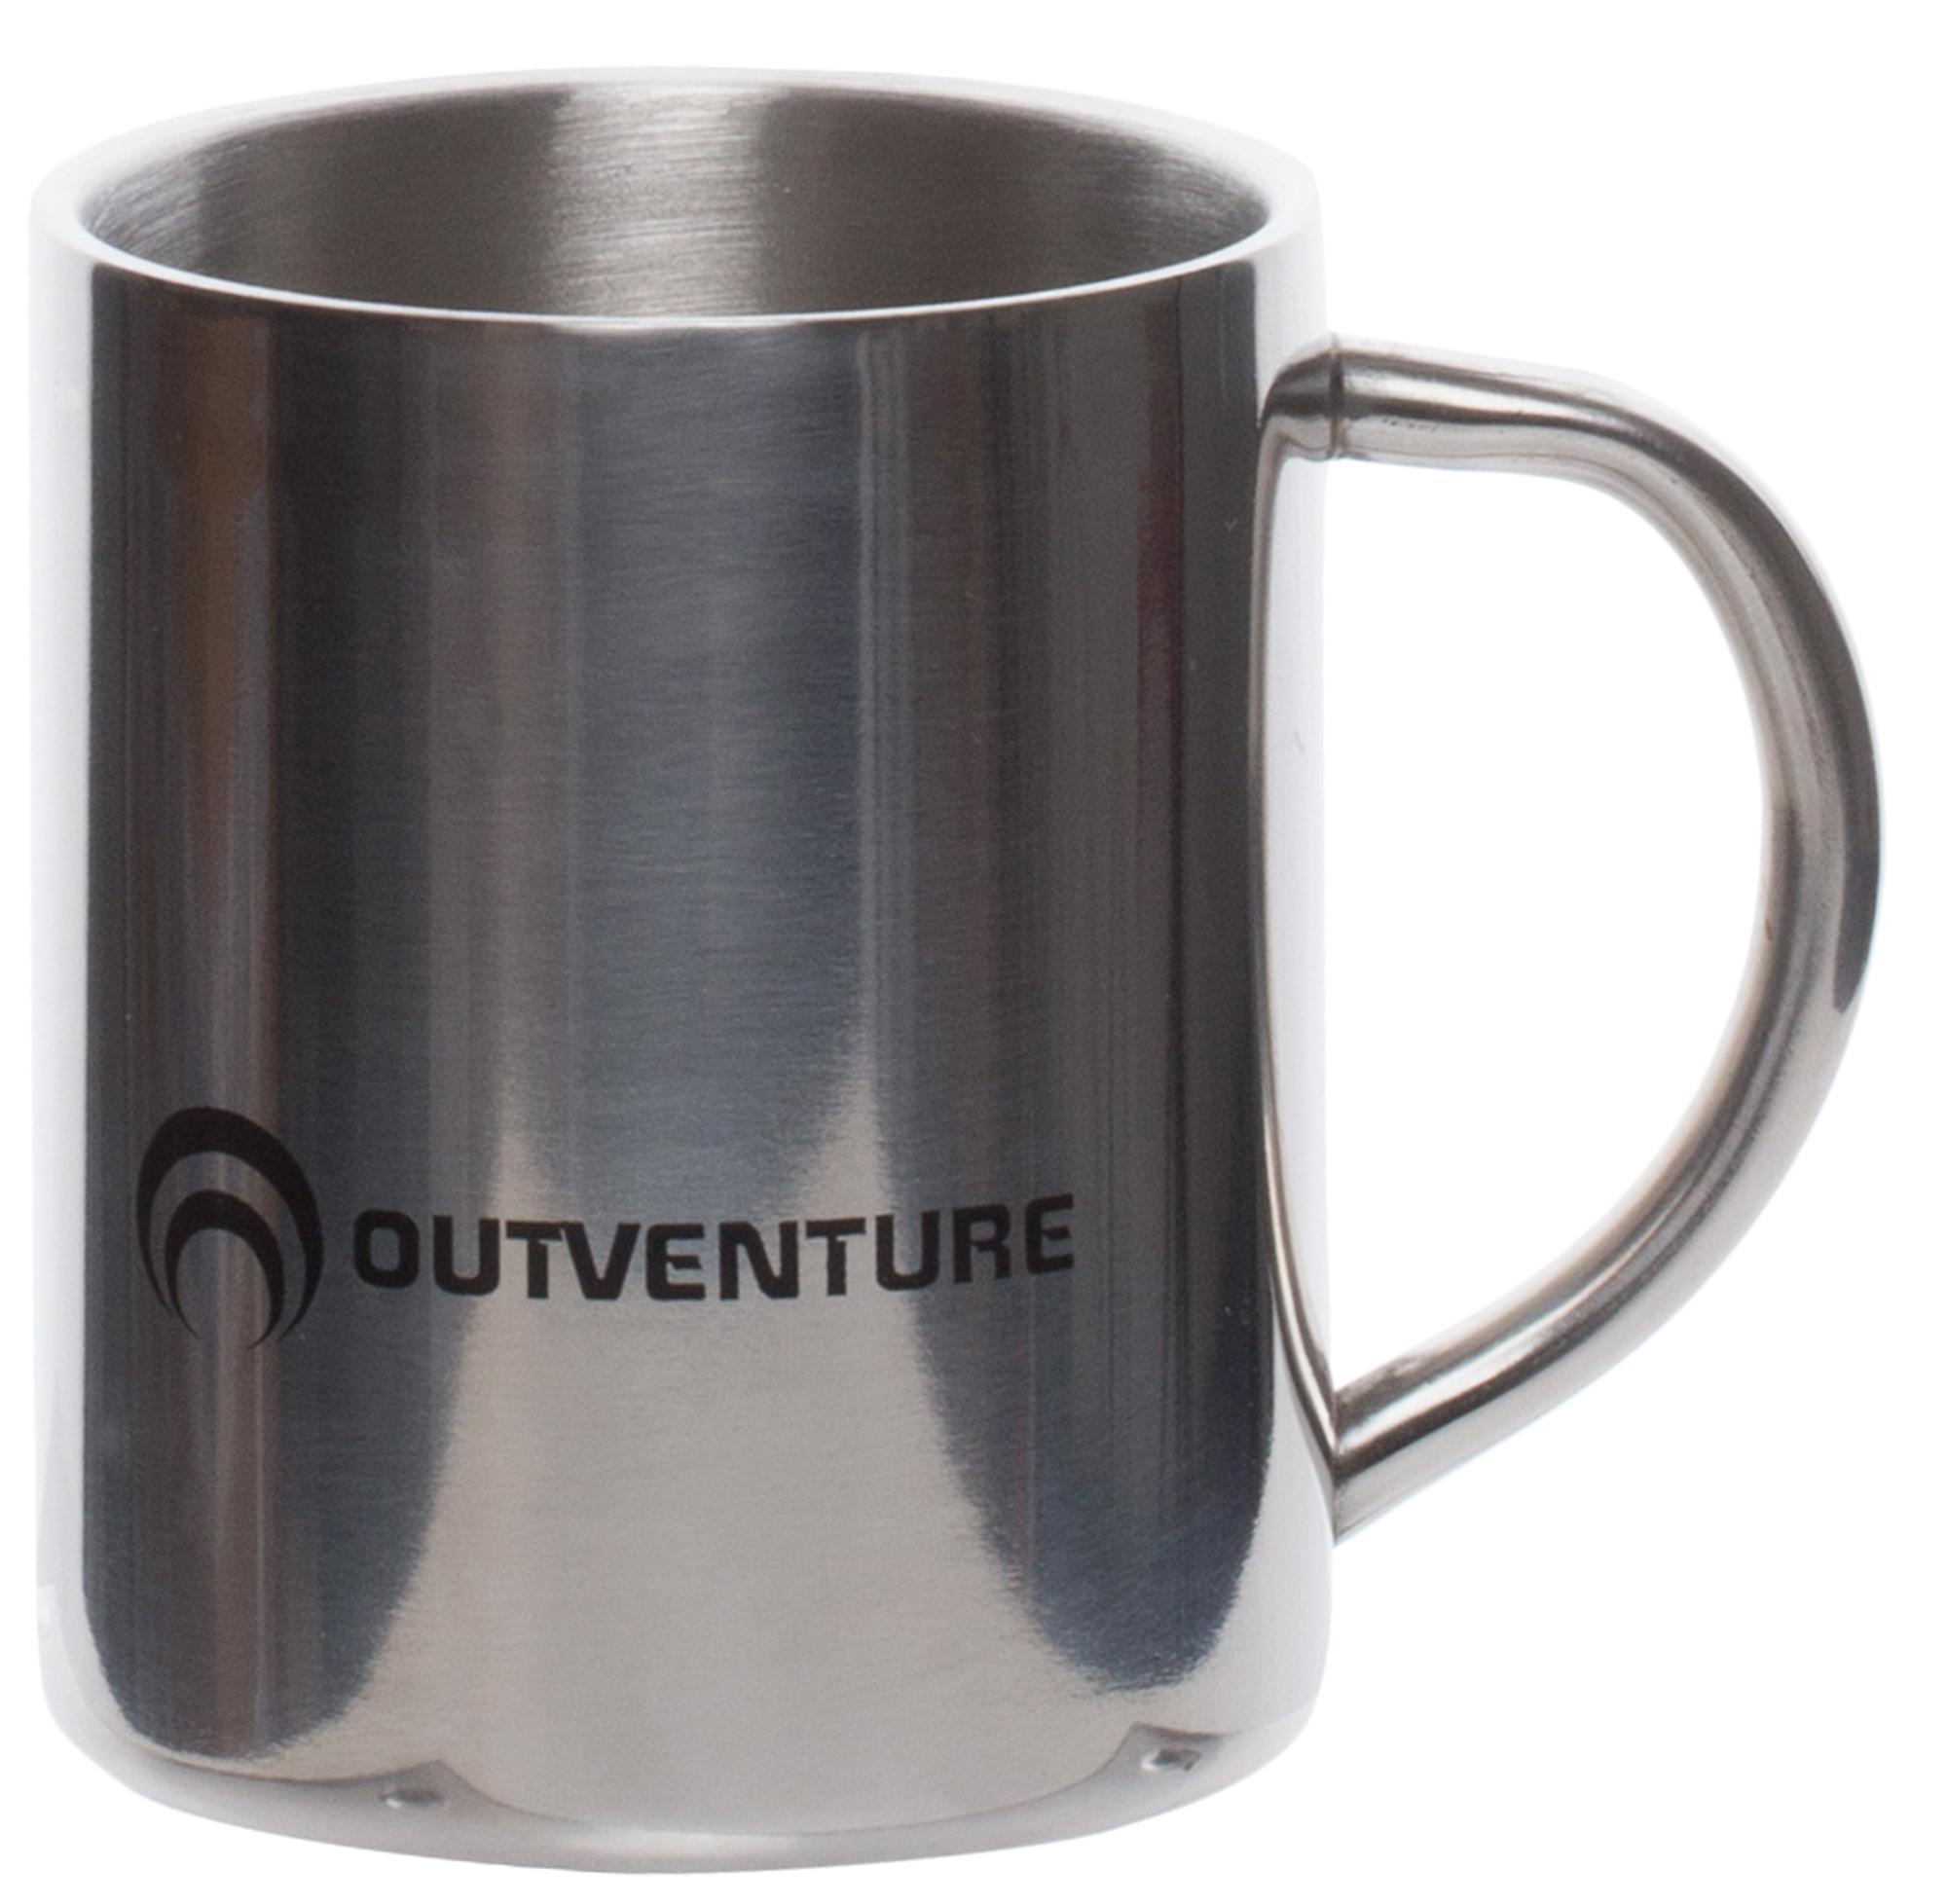 Outventure Термокружка Outventure